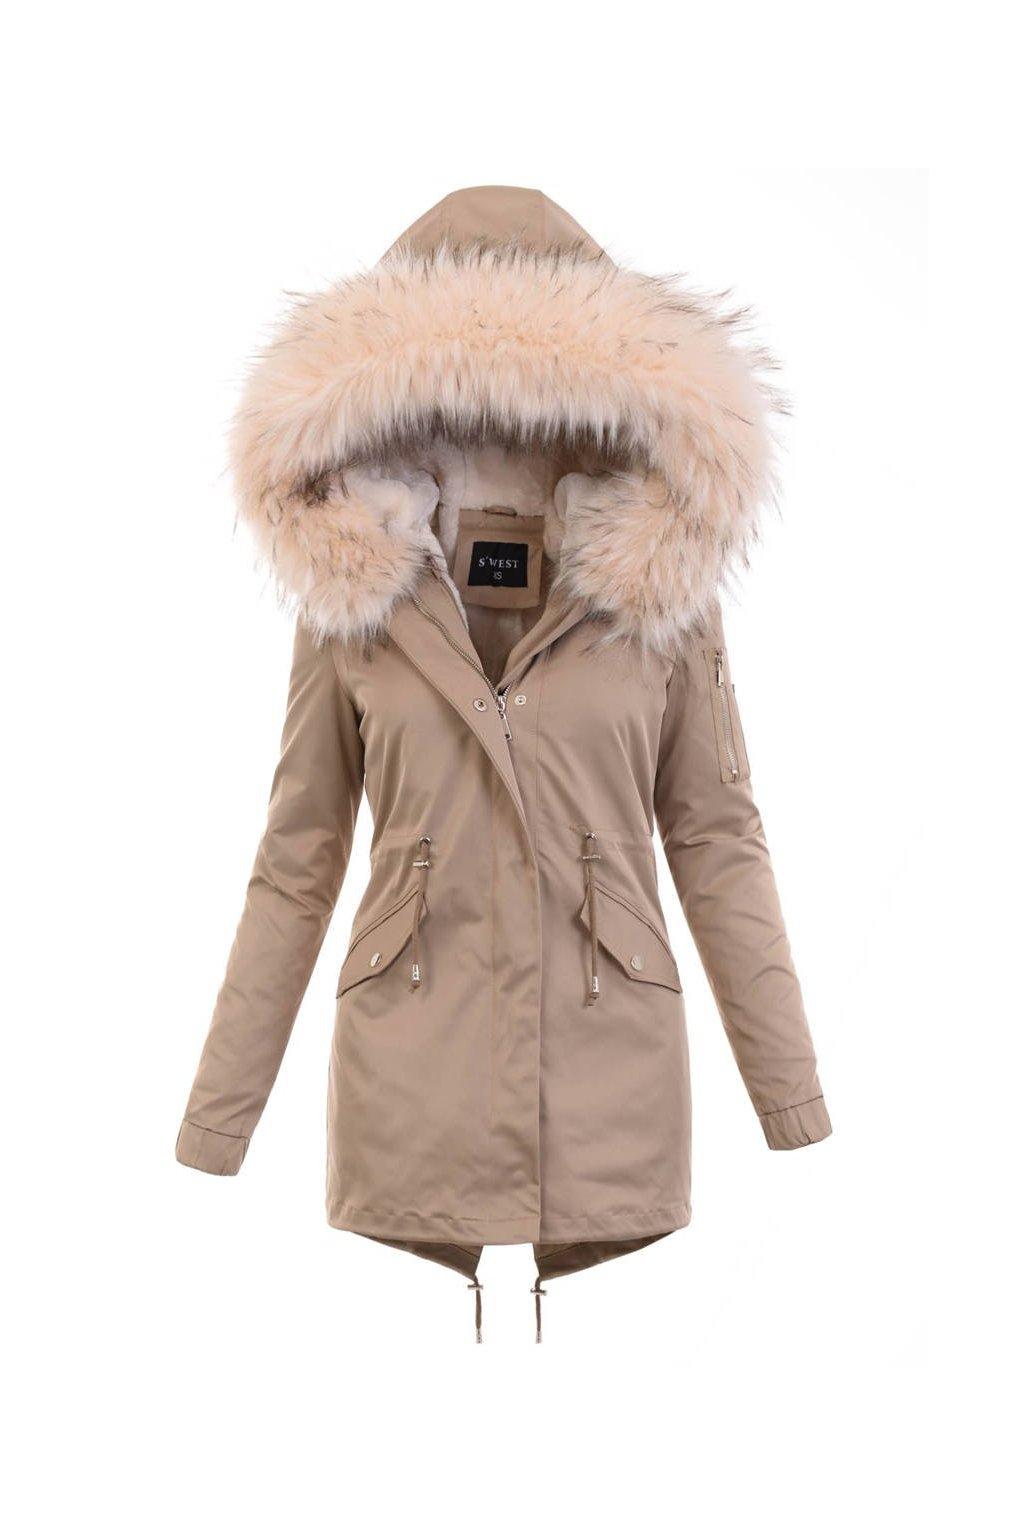 Dámska zimná bunda parka 2v1 6016 béžová